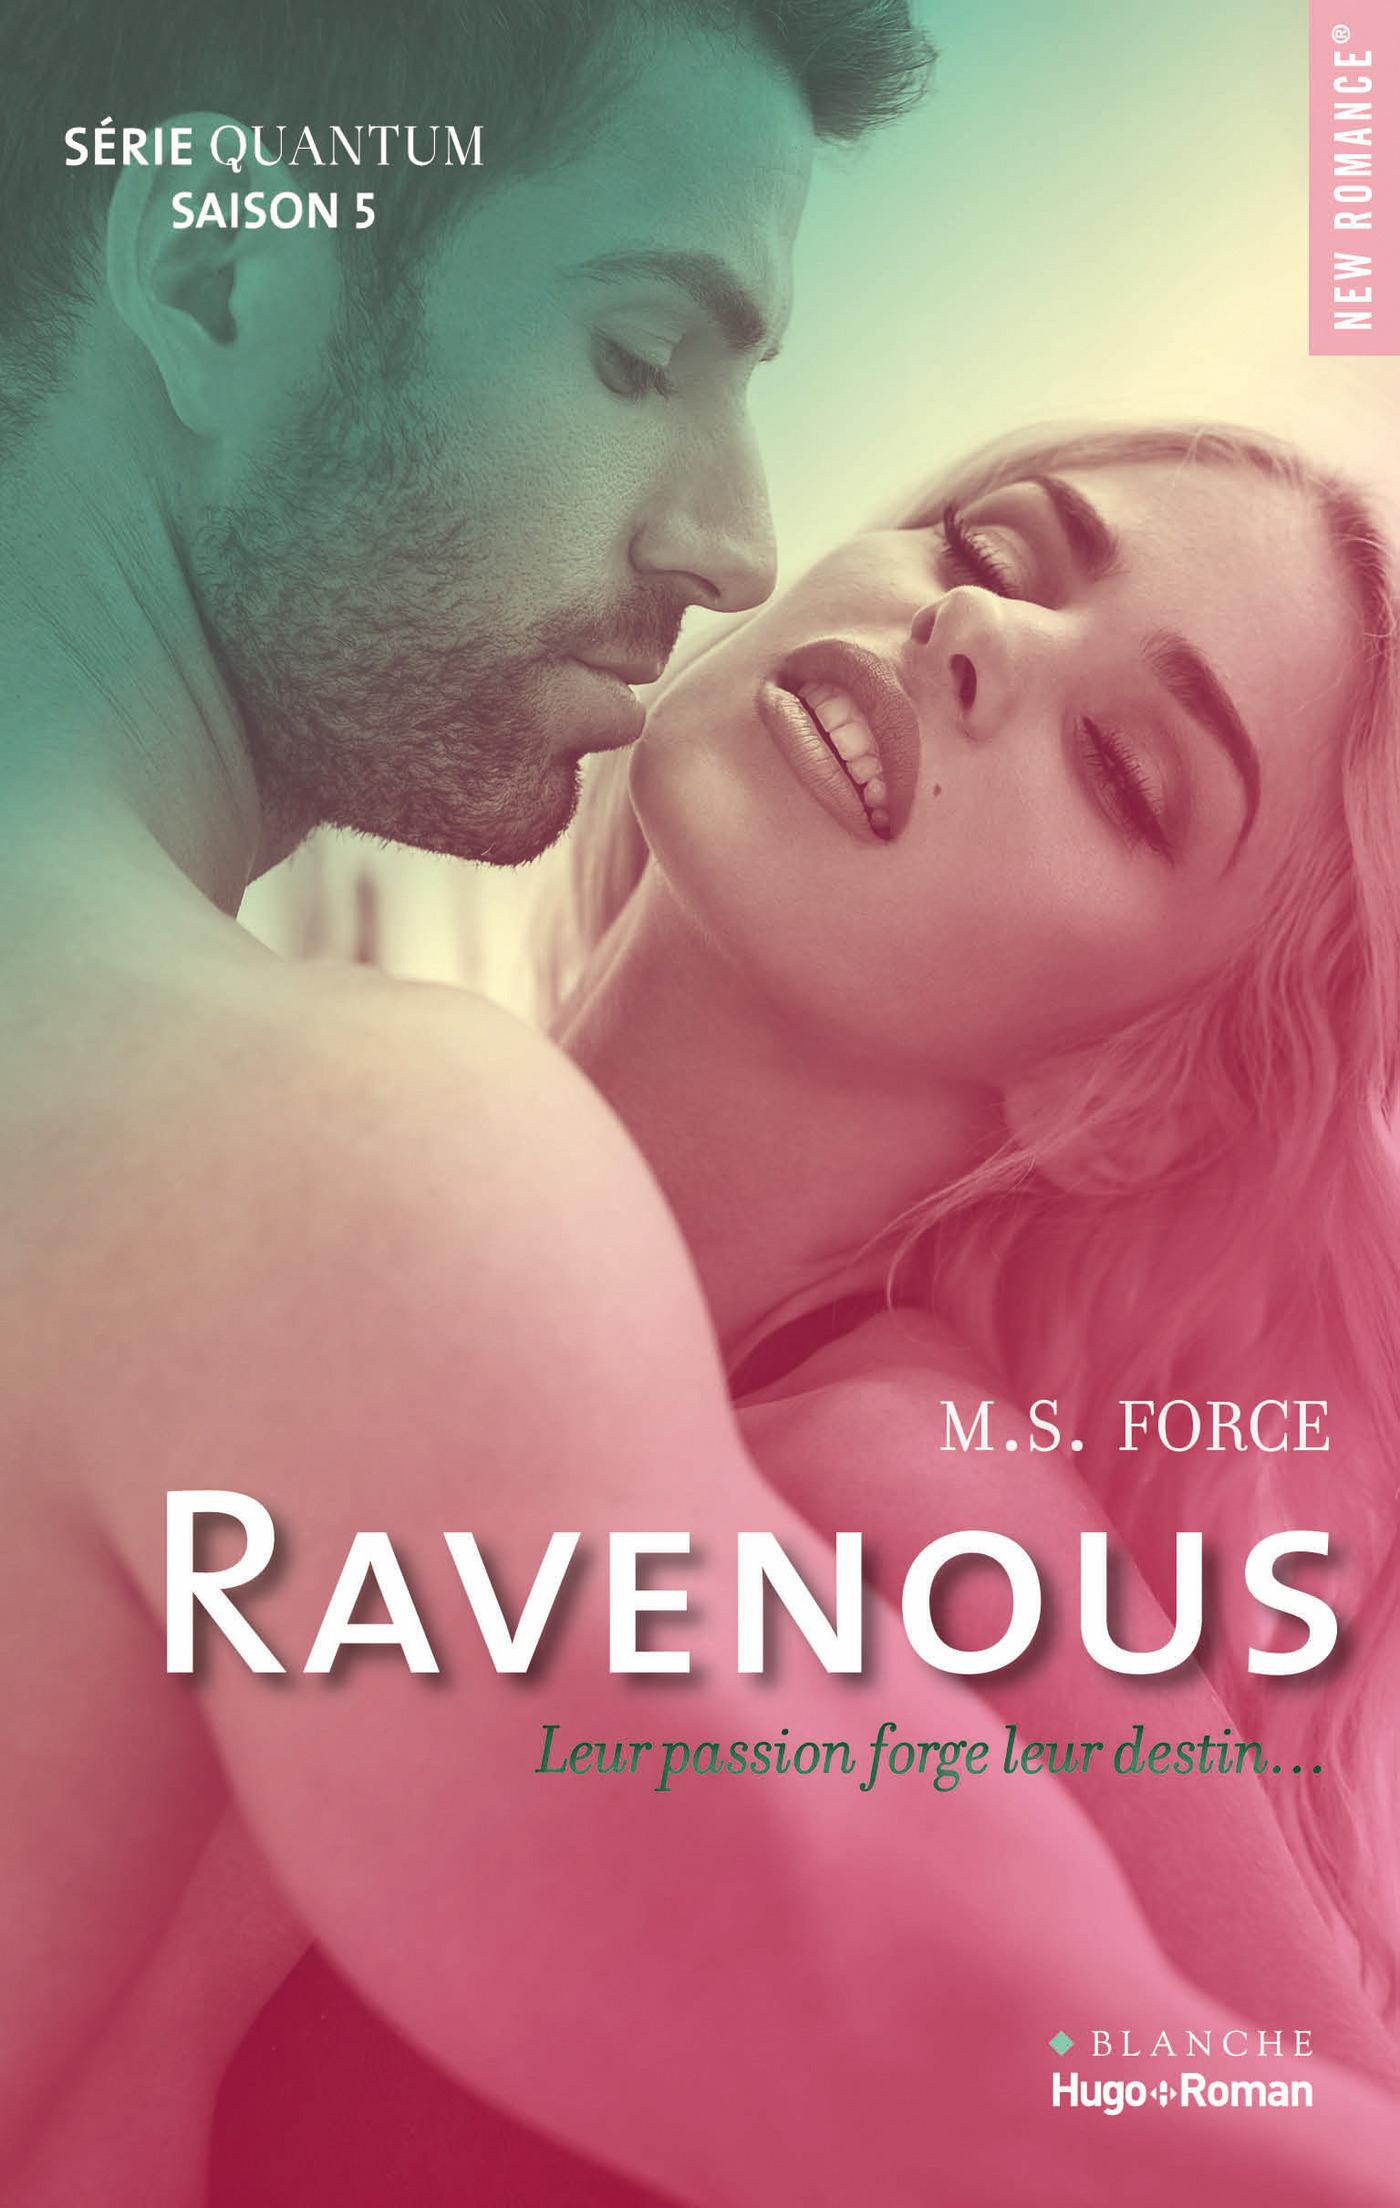 Quantum Saison 5 Ravenous -Extrait offert-